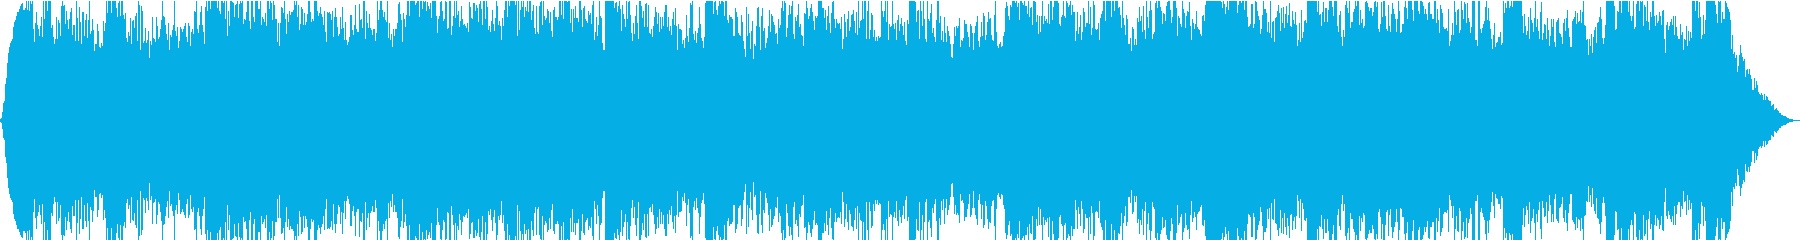 ドラムレスのアンビエントの再生済みの波形